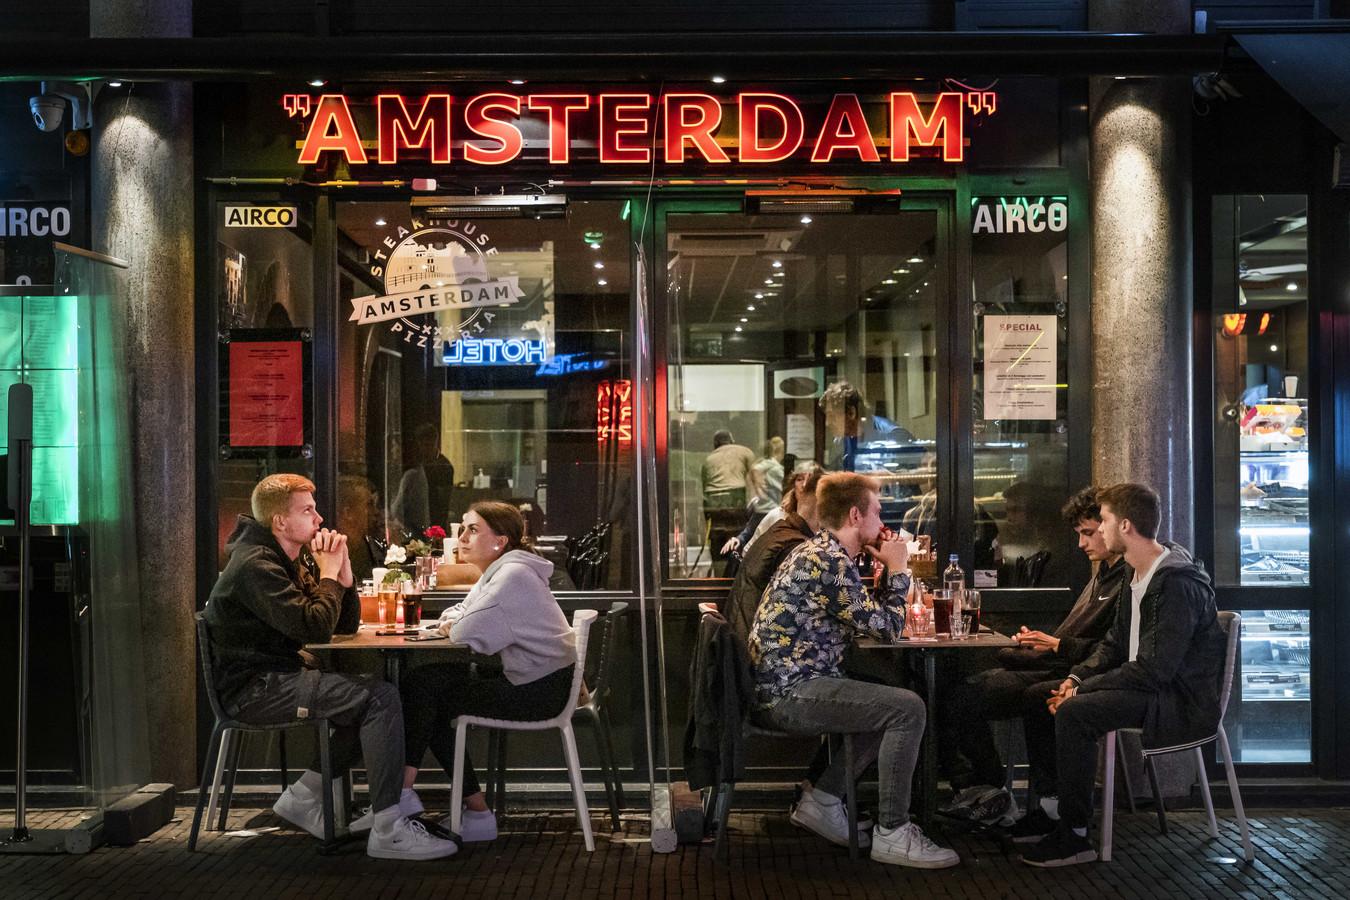 Horecazaken zouden om twaalf uur klanten moeten weigeren en een uur later moeten sluiten is het plan.